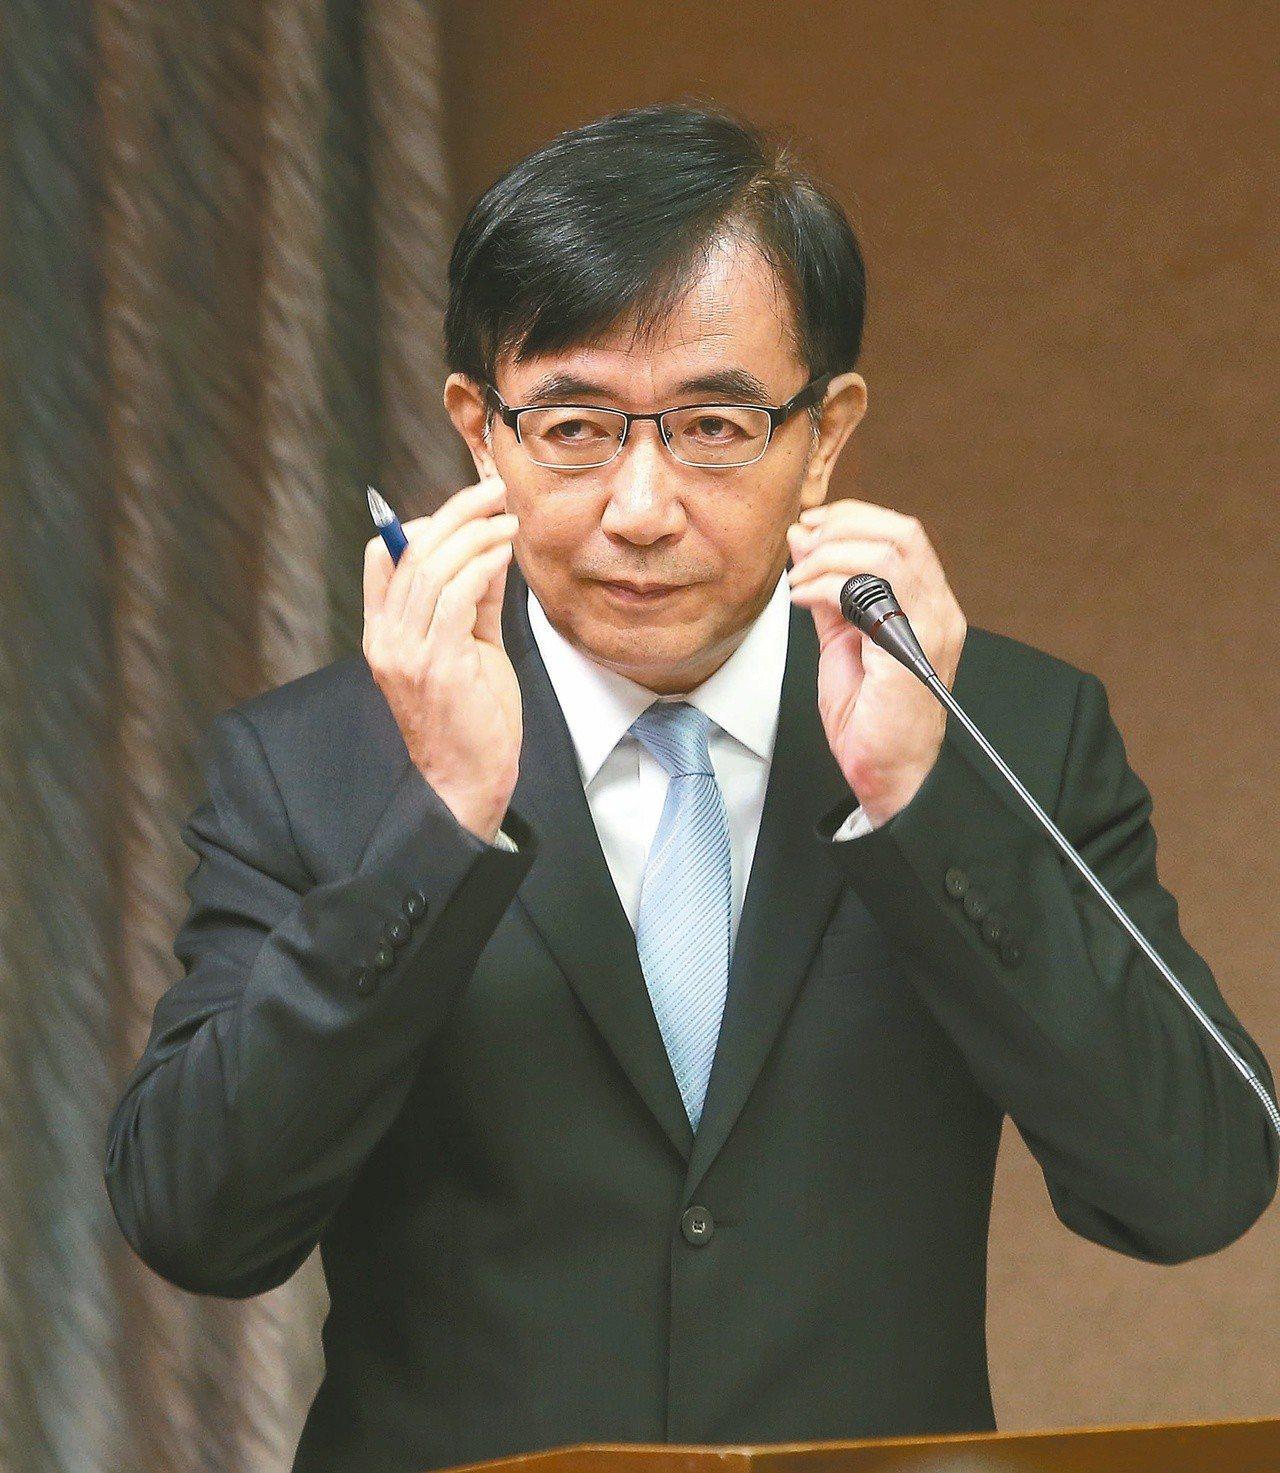 行政院同意,中華郵政董事長將由前交長吳宏謀擔任,預定6月28日上任。圖/本報資料...